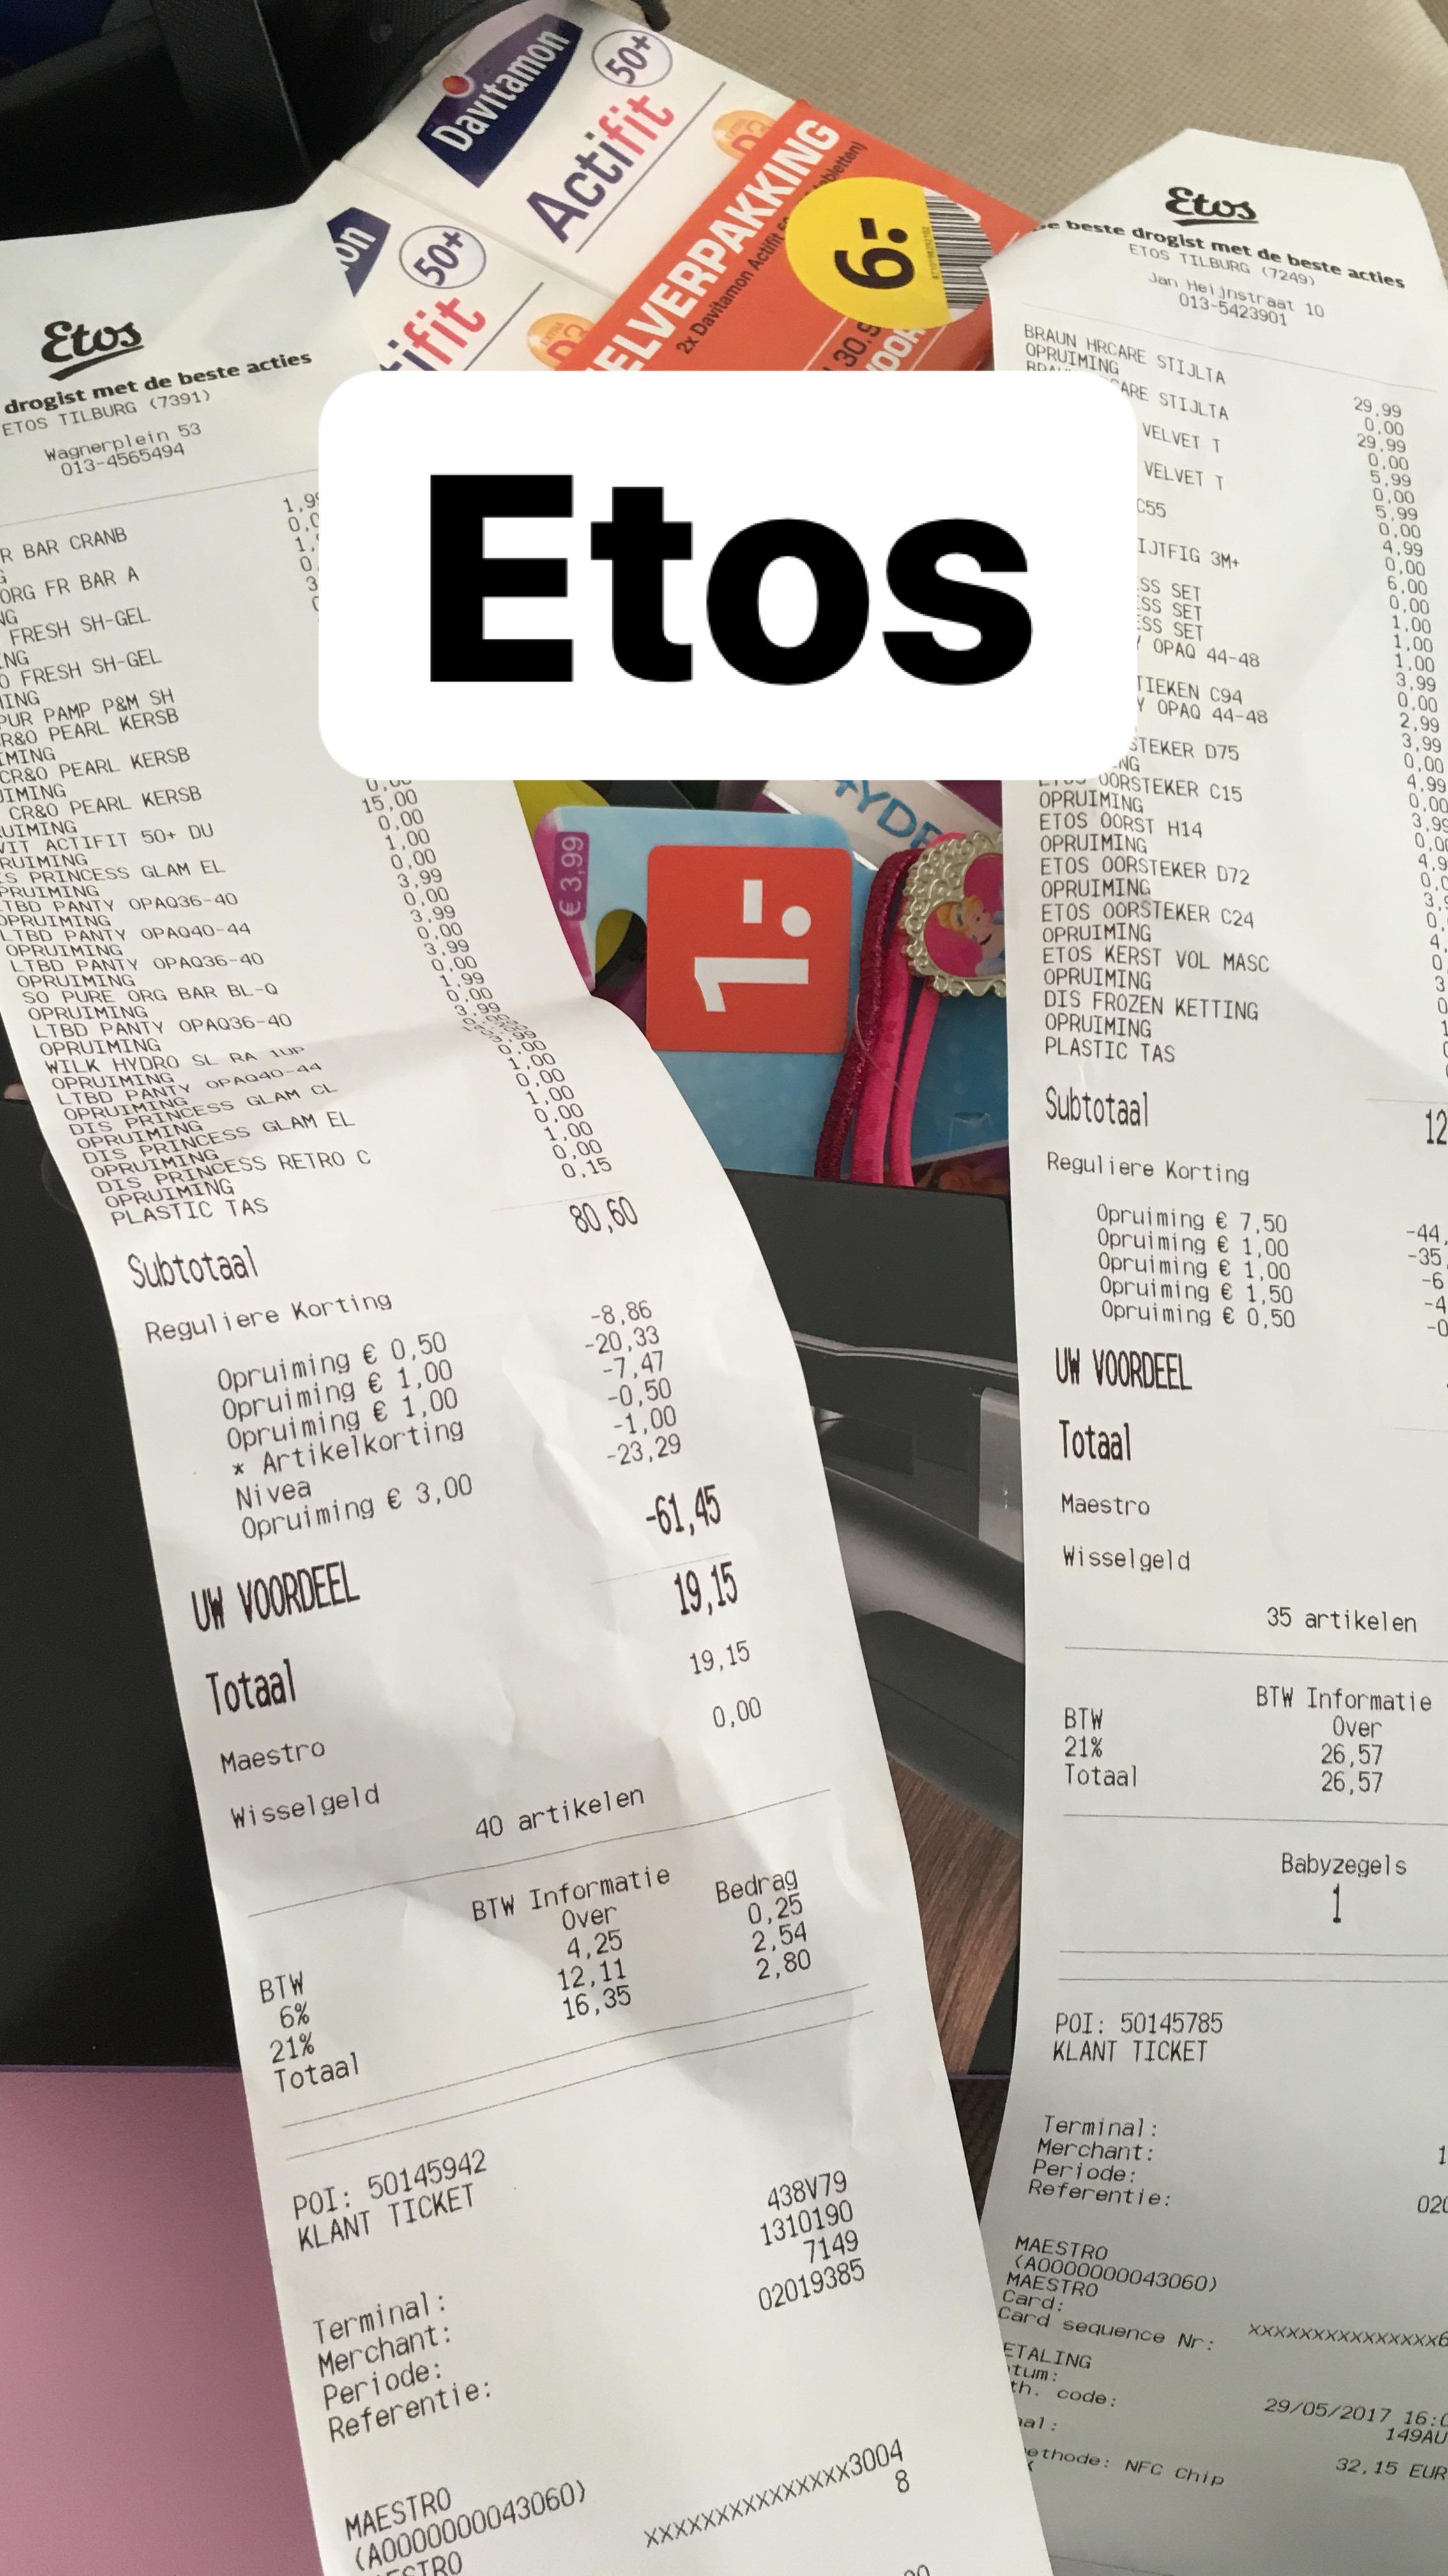 Etos-50% kassakorting op alle afgeprijsde producten